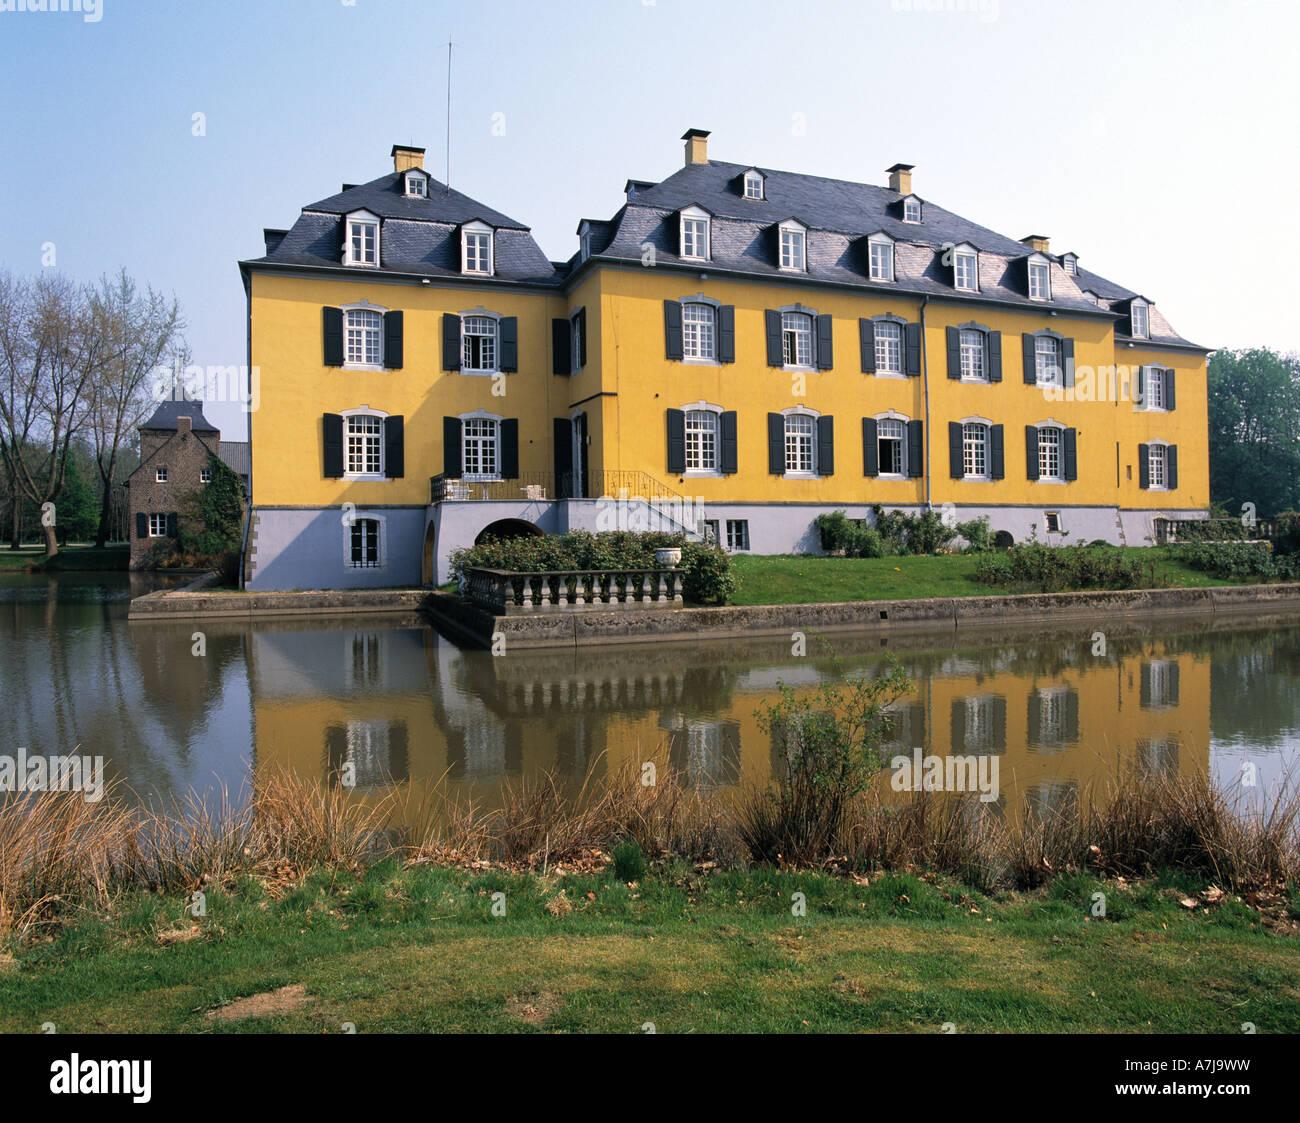 haus hall wasserschloss herrenhaus h ckelhoven ratheim niederrhein nordrhein westfalen. Black Bedroom Furniture Sets. Home Design Ideas